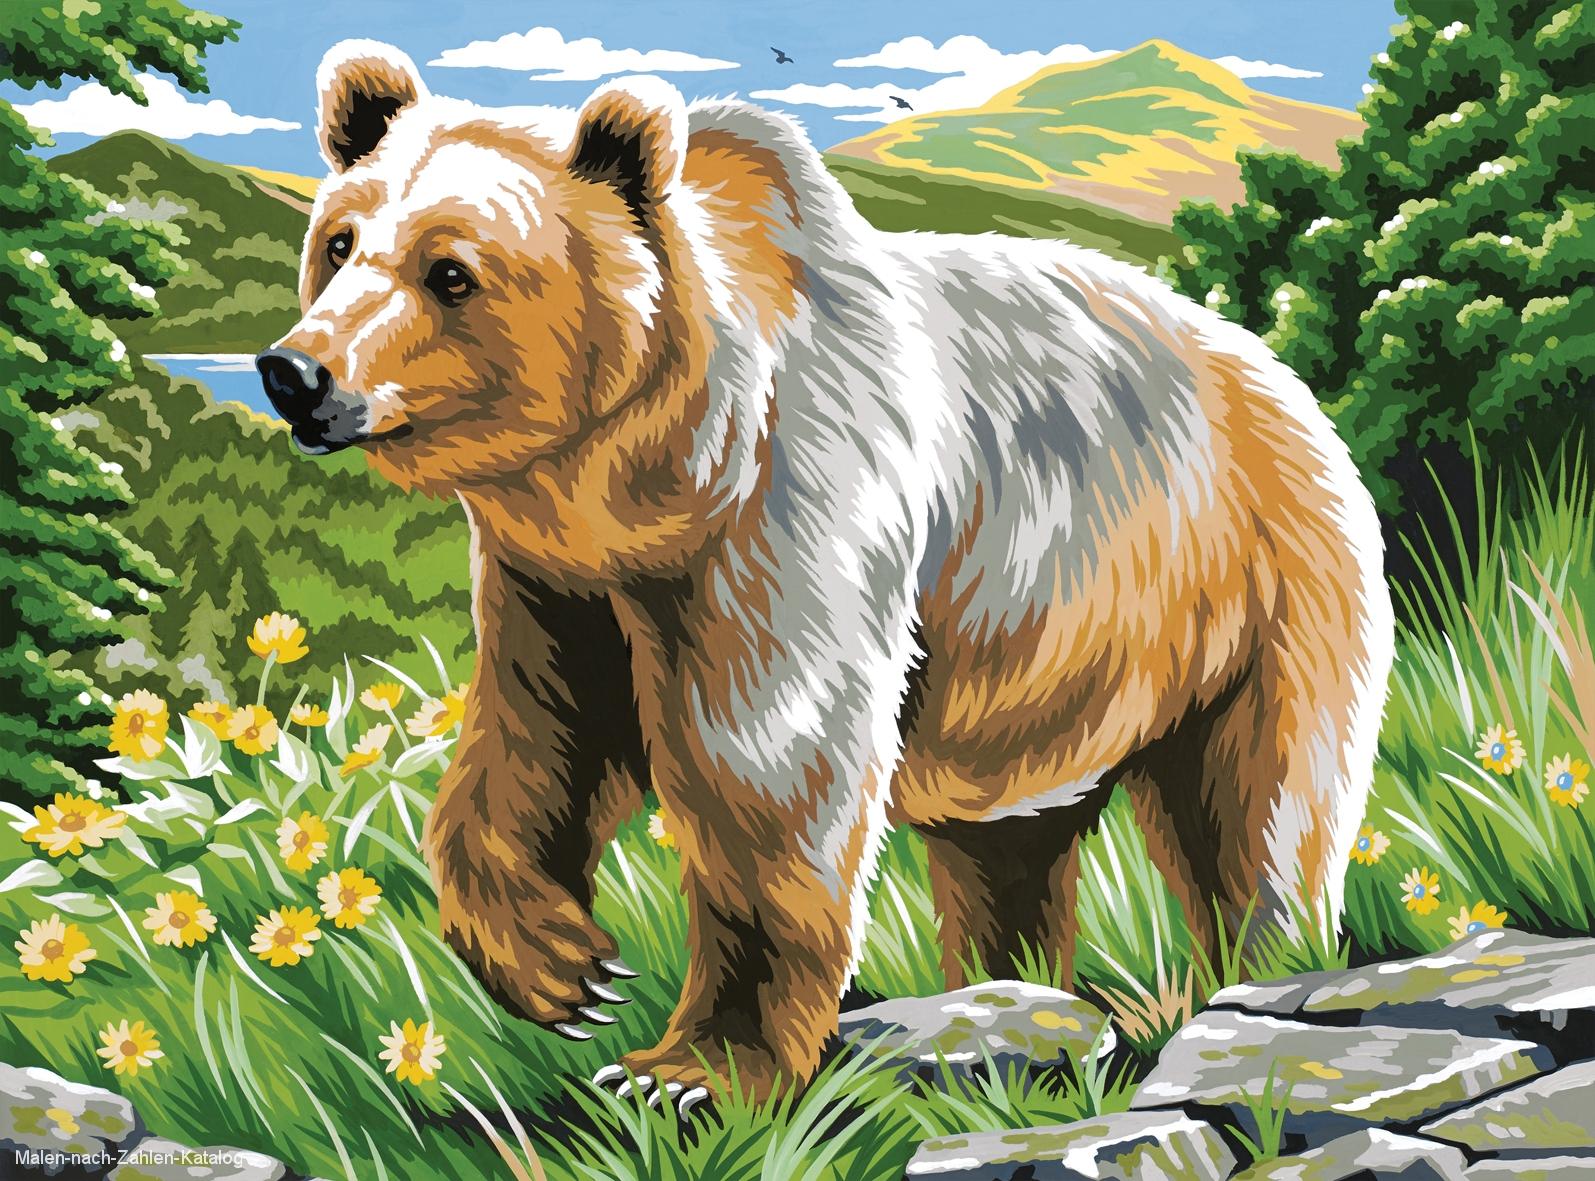 Mammut Malen nach Zahlen Groß 40 x 30 cm - Braunbär